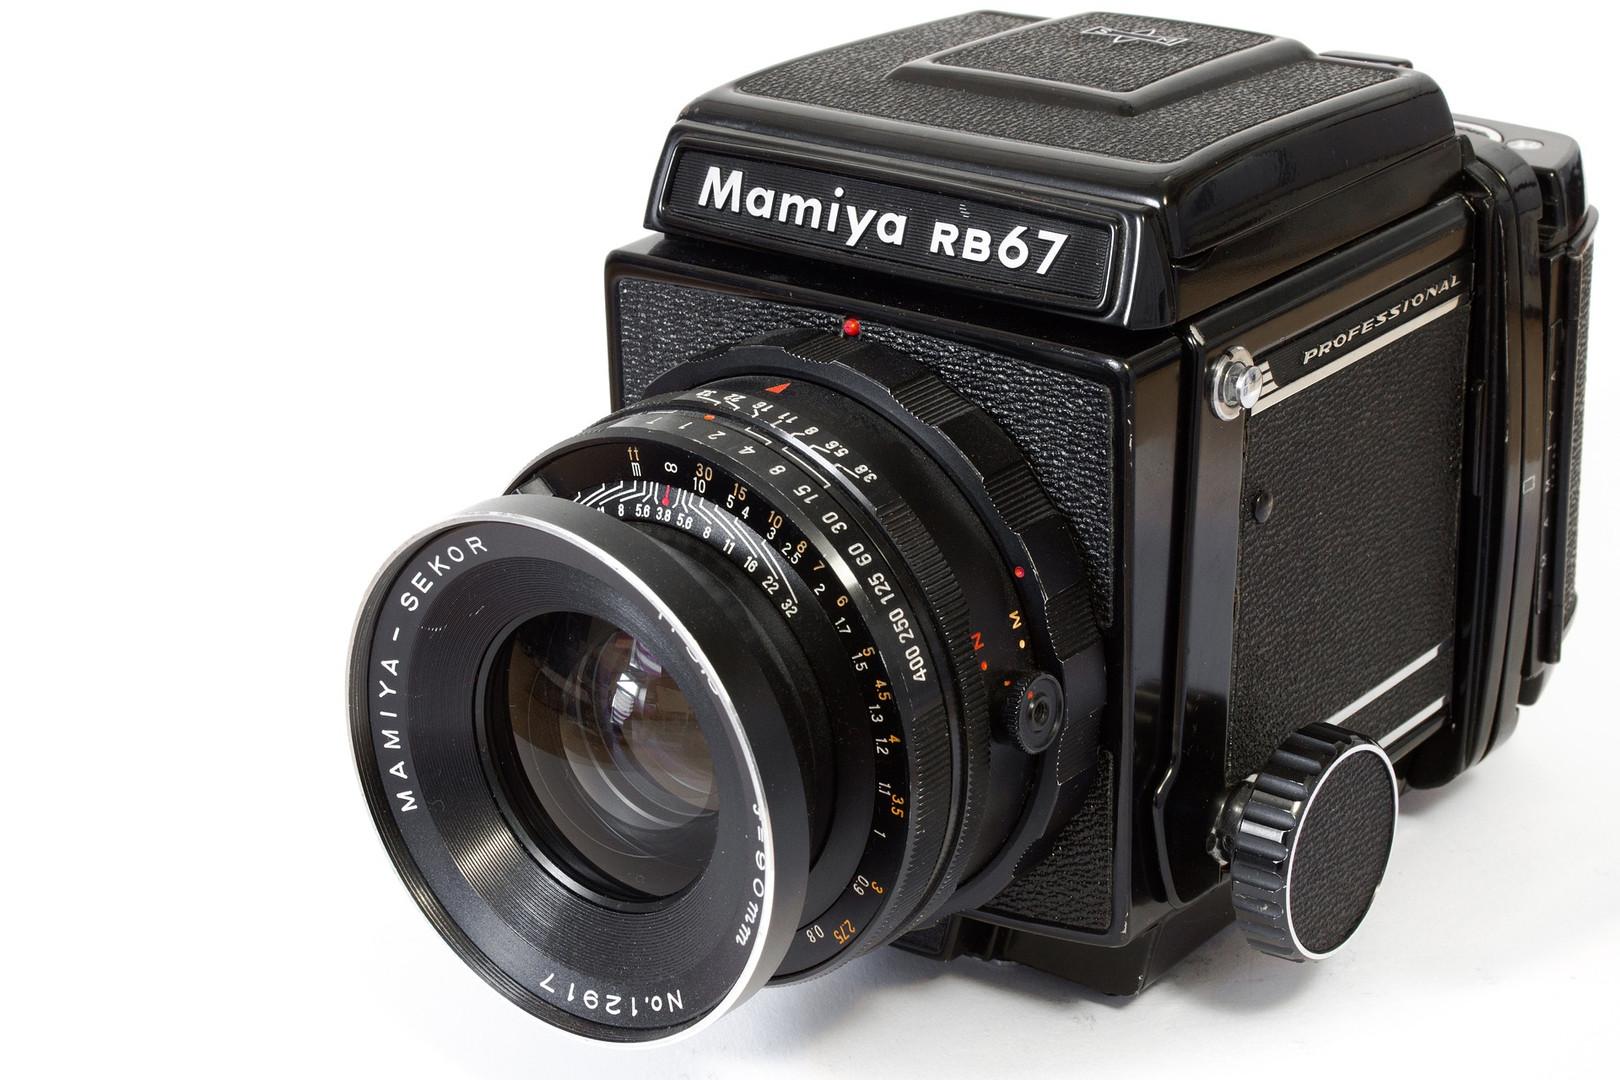 camera-2201630_1920.jpg